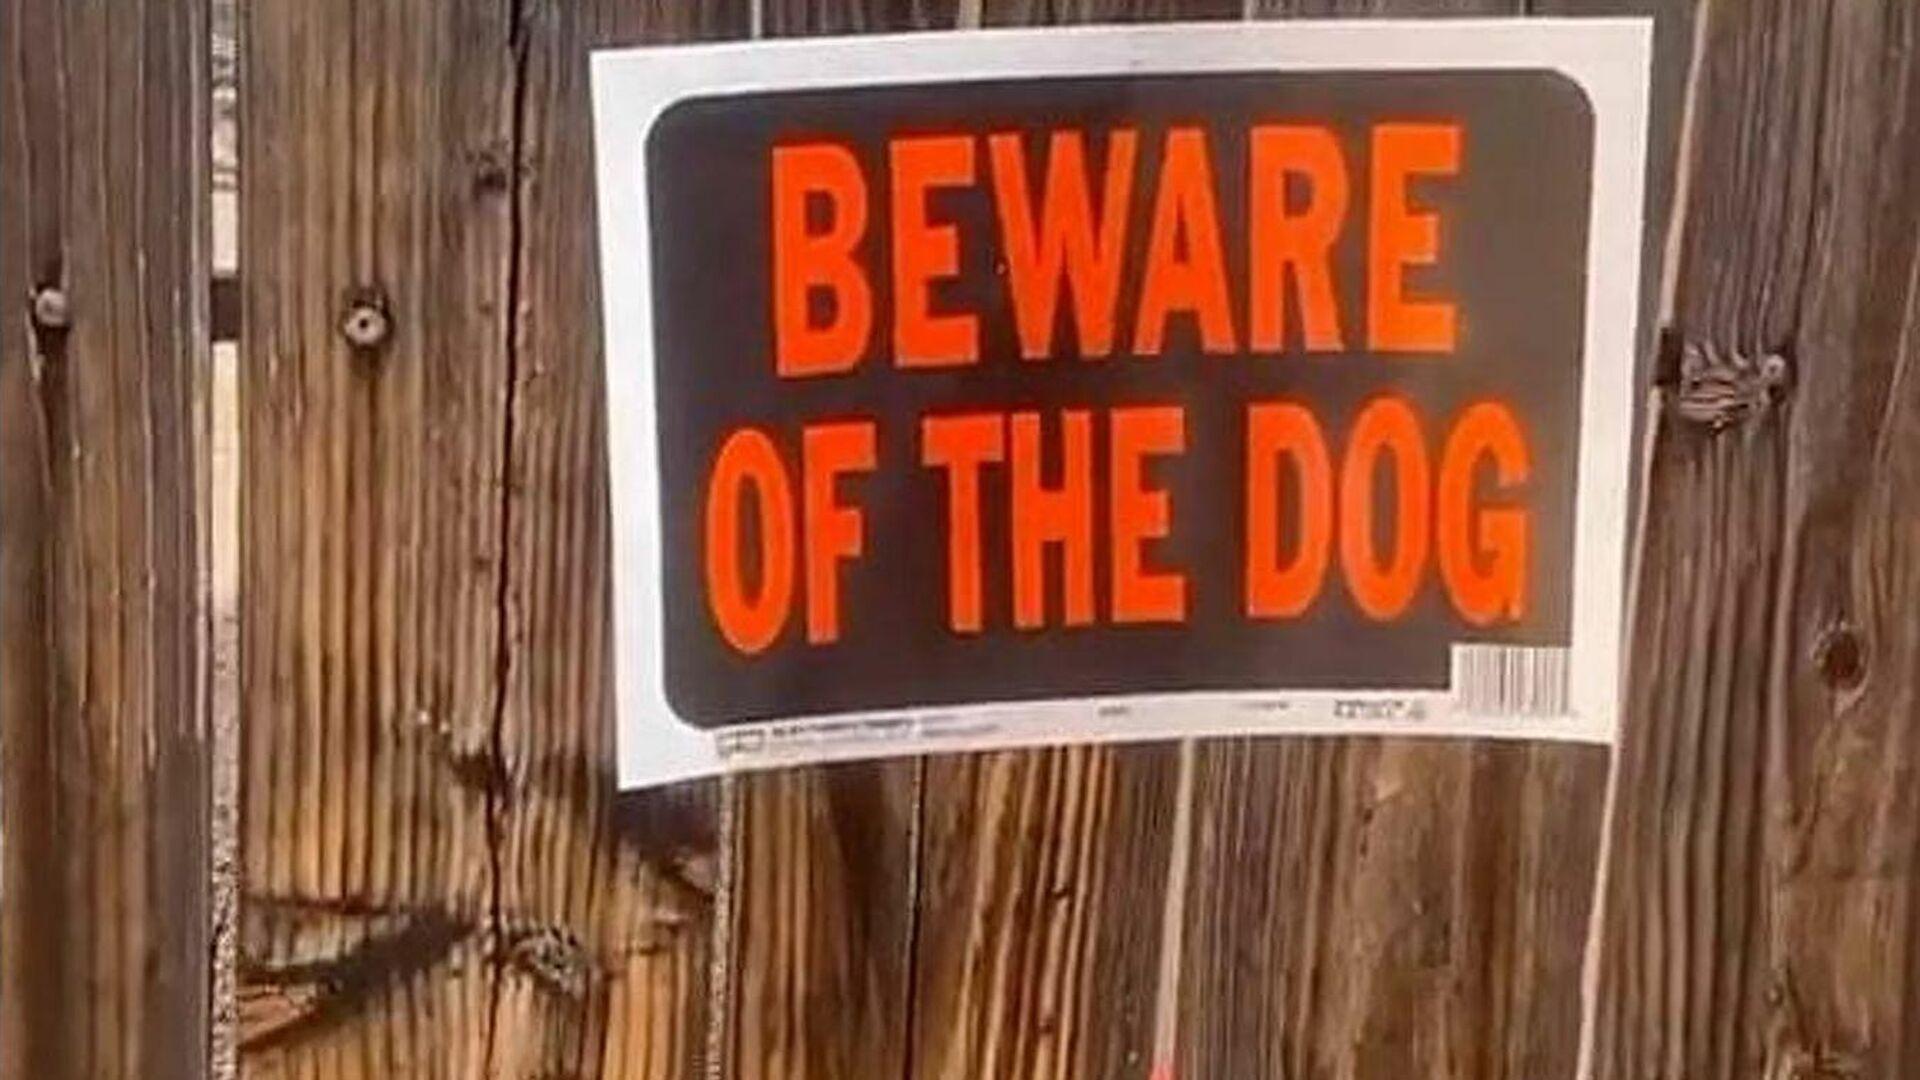 Προσοχή σκύλος: προειδοποιητική ταμπέλα για σκύλο (φωτ. αρχείου) - Sputnik Ελλάδα, 1920, 18.09.2021